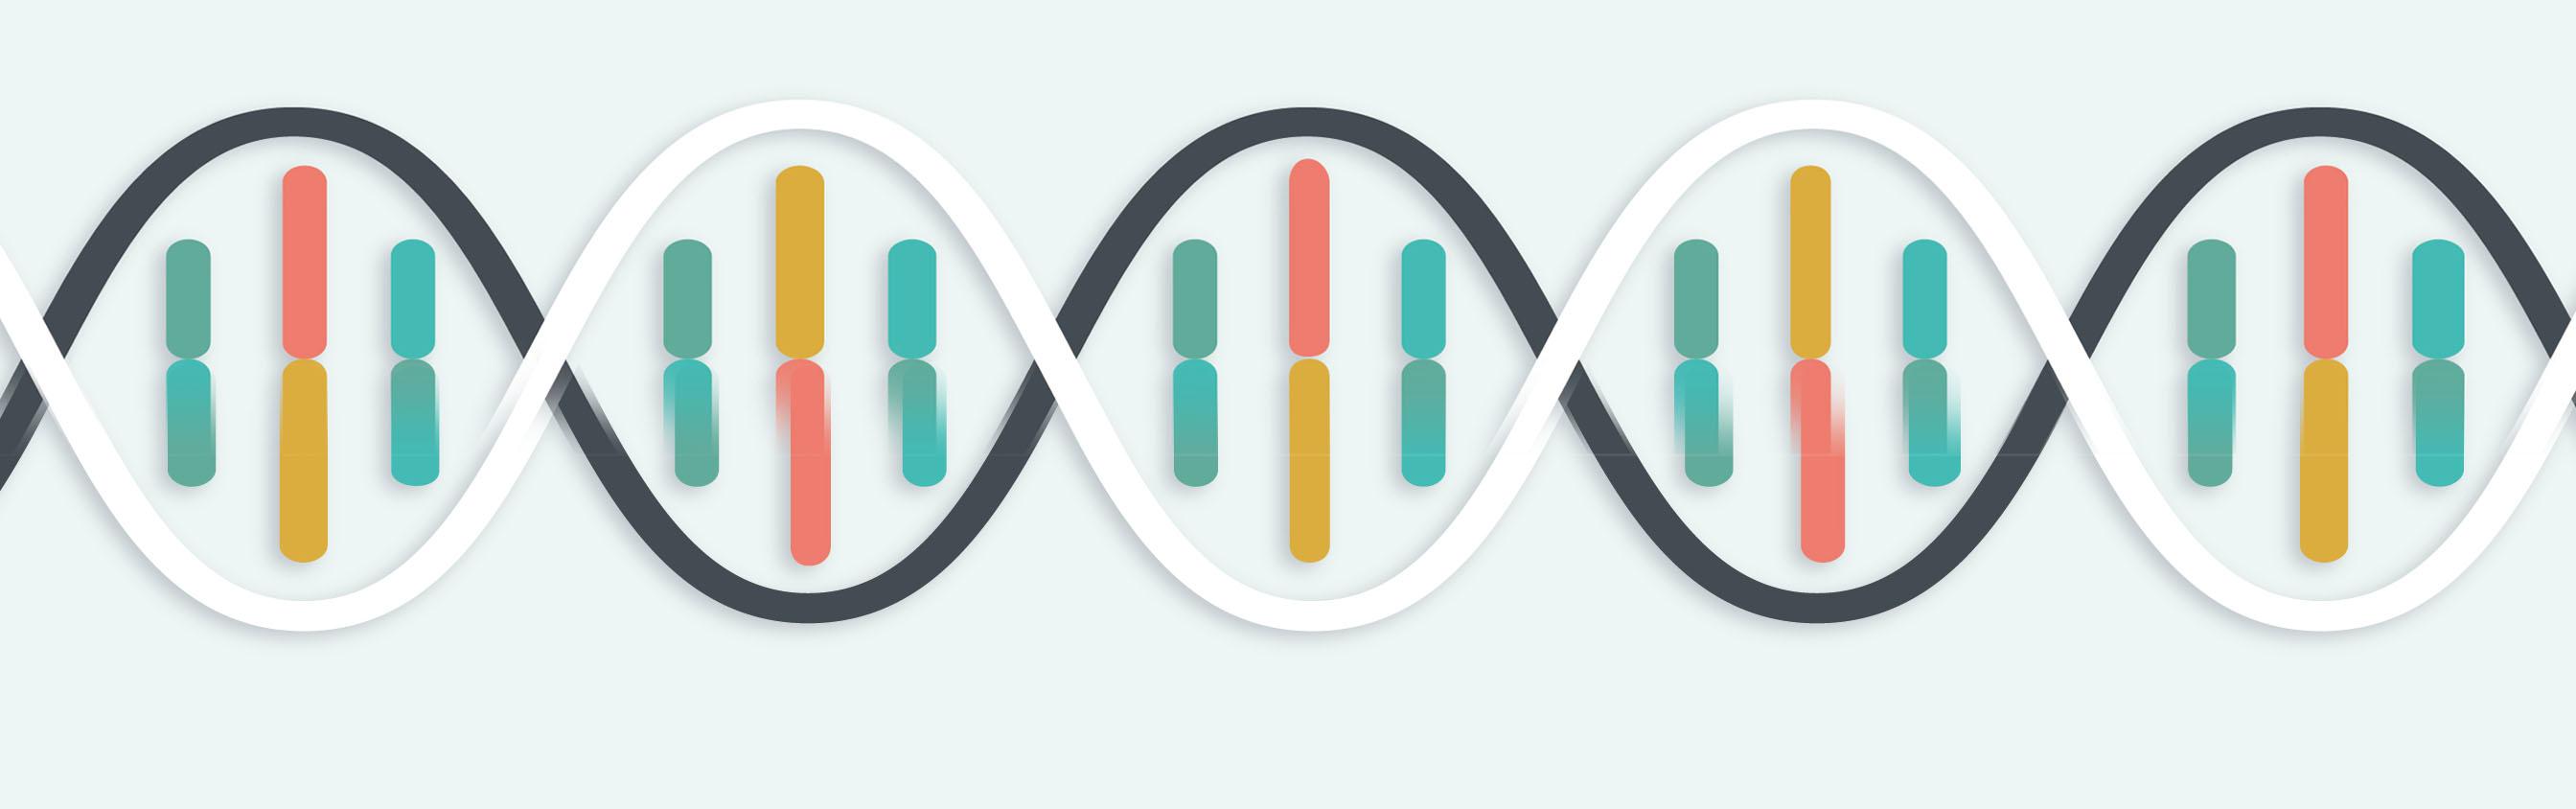 所有SNP基因分型服务(MassArray/AS-PCR/PCR-RFLP/HRM/TaqMan probe)